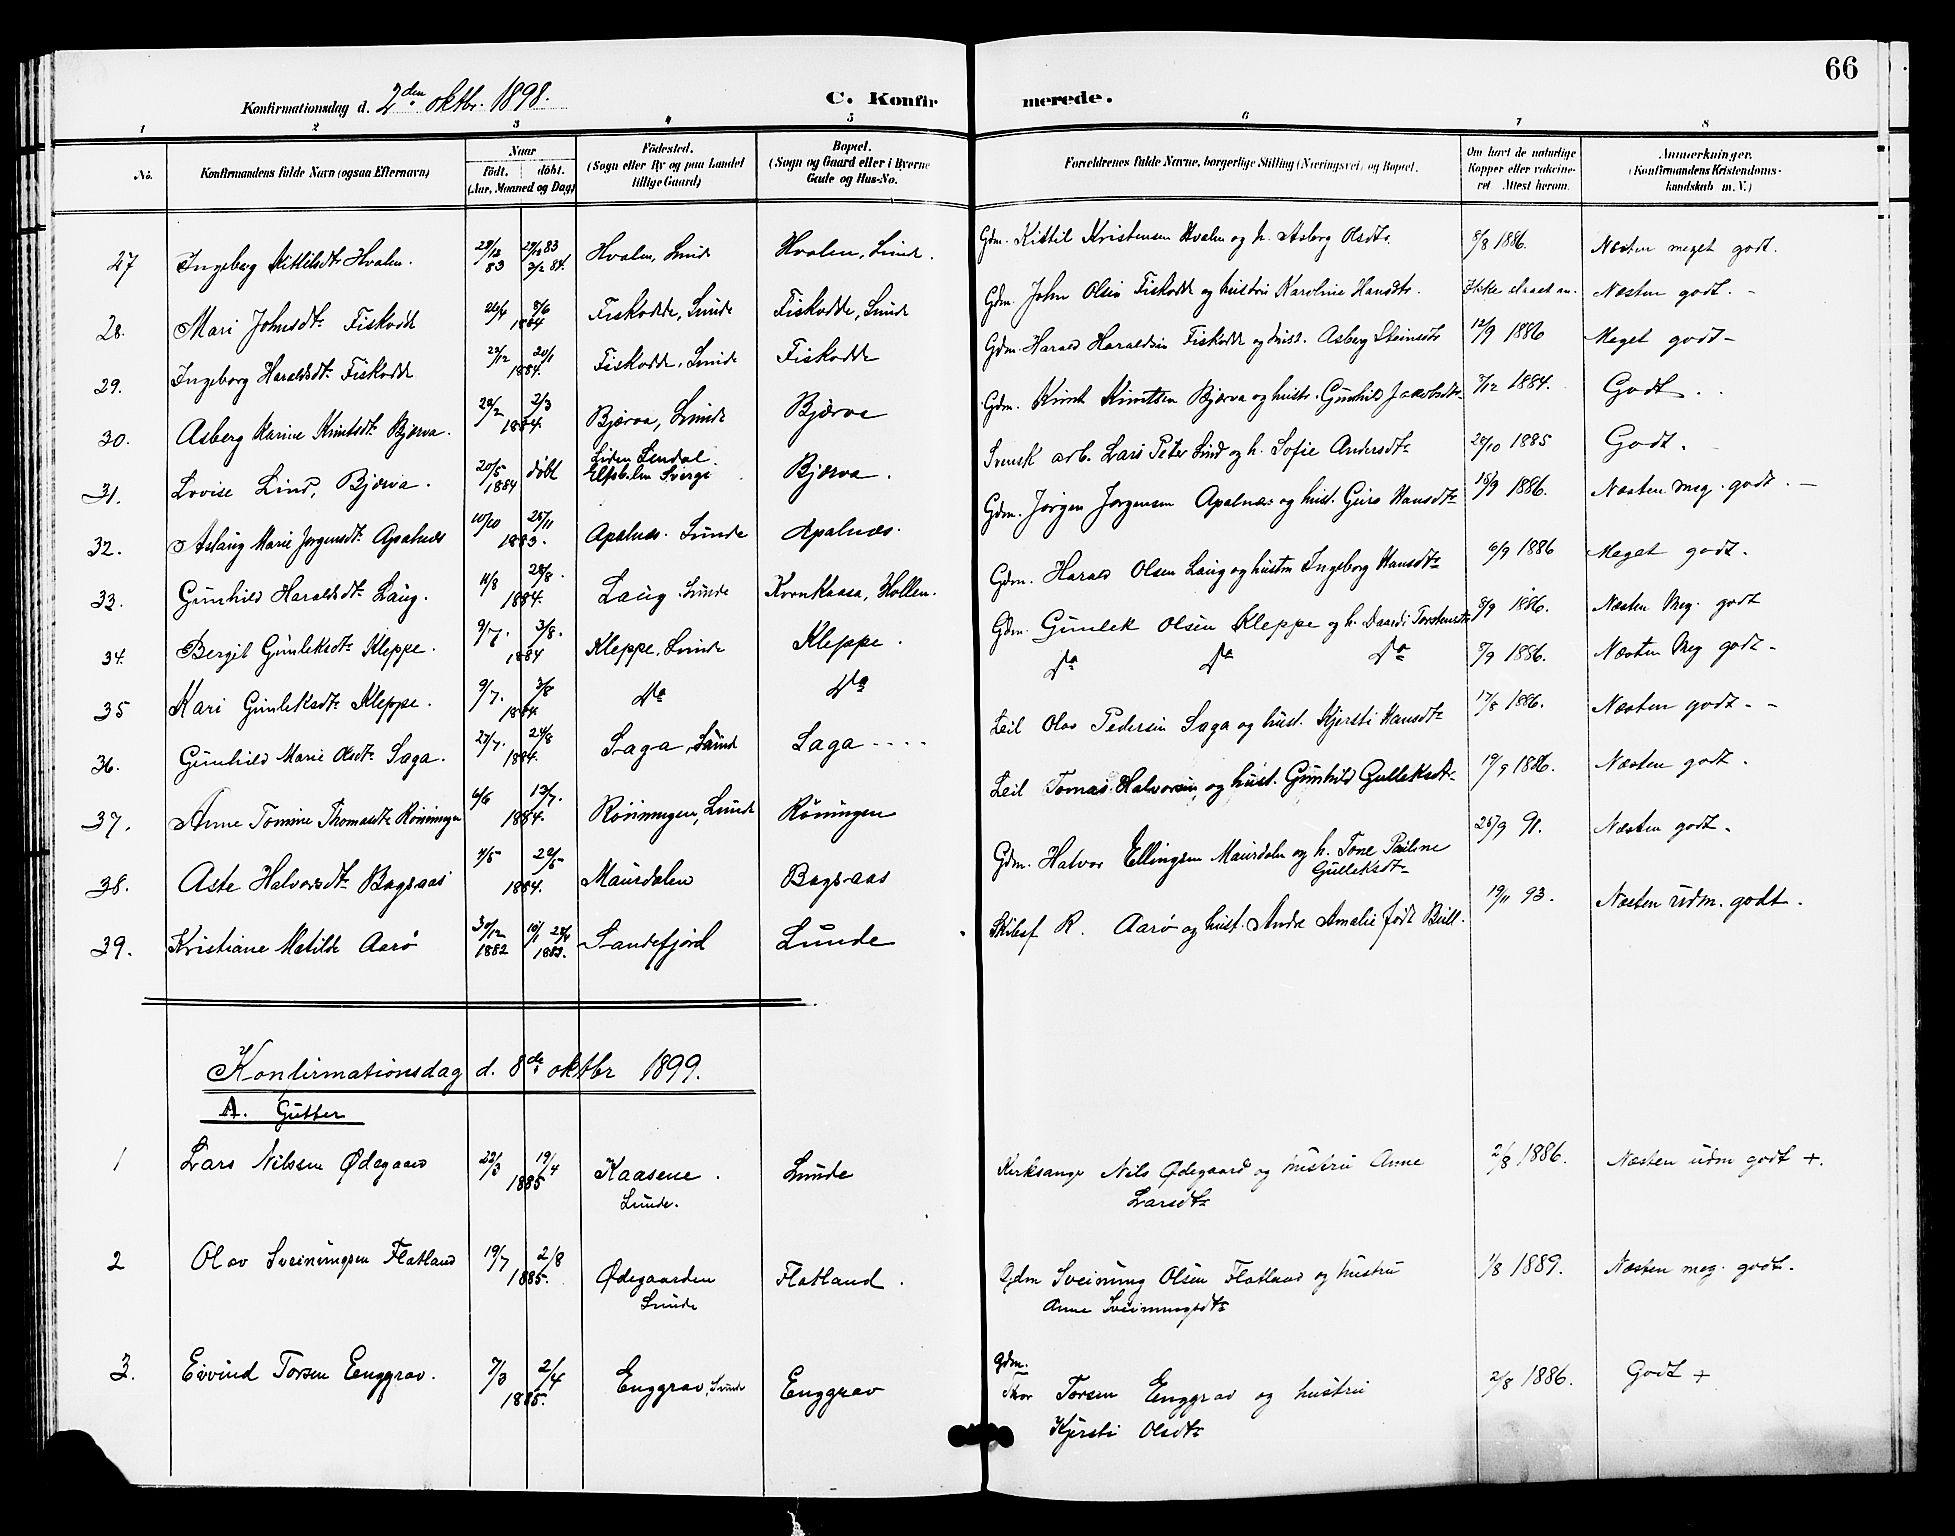 SAKO, Lunde kirkebøker, G/Ga/L0003: Klokkerbok nr. I 3, 1896-1905, s. 66